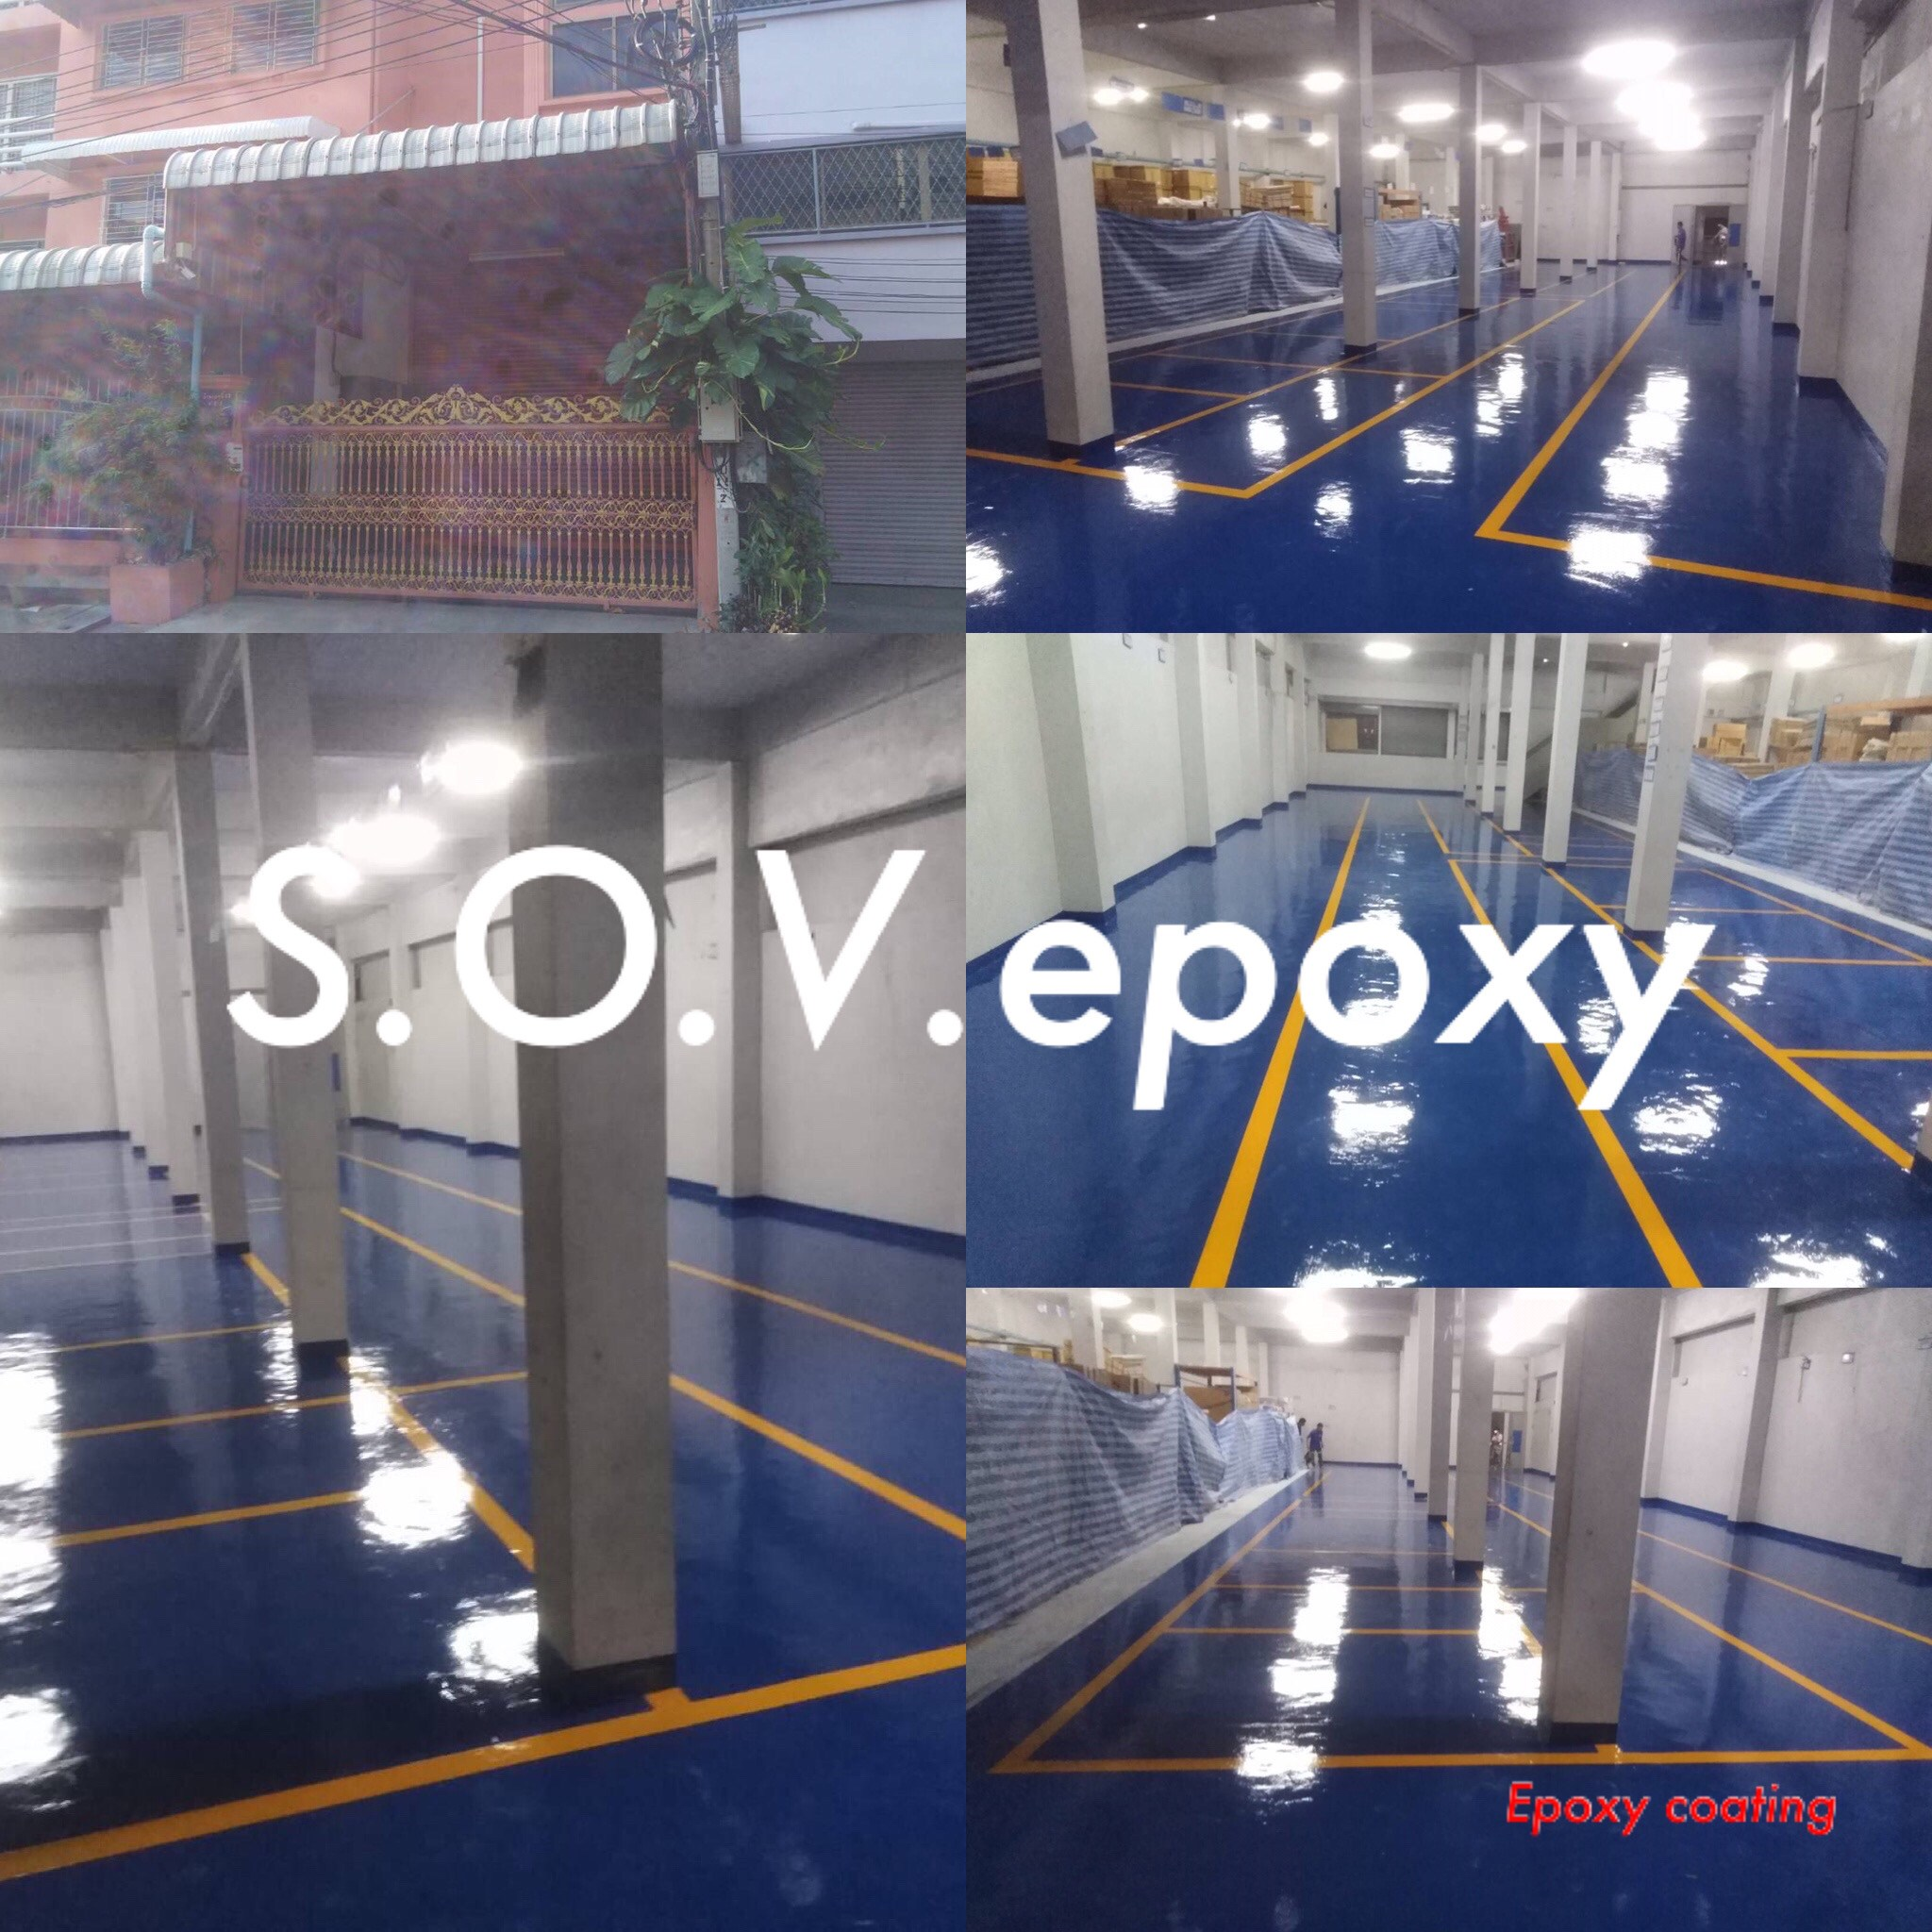 Epoxy Coating เอ็น.เค.เฟอร์นิคลาส เฟส 1